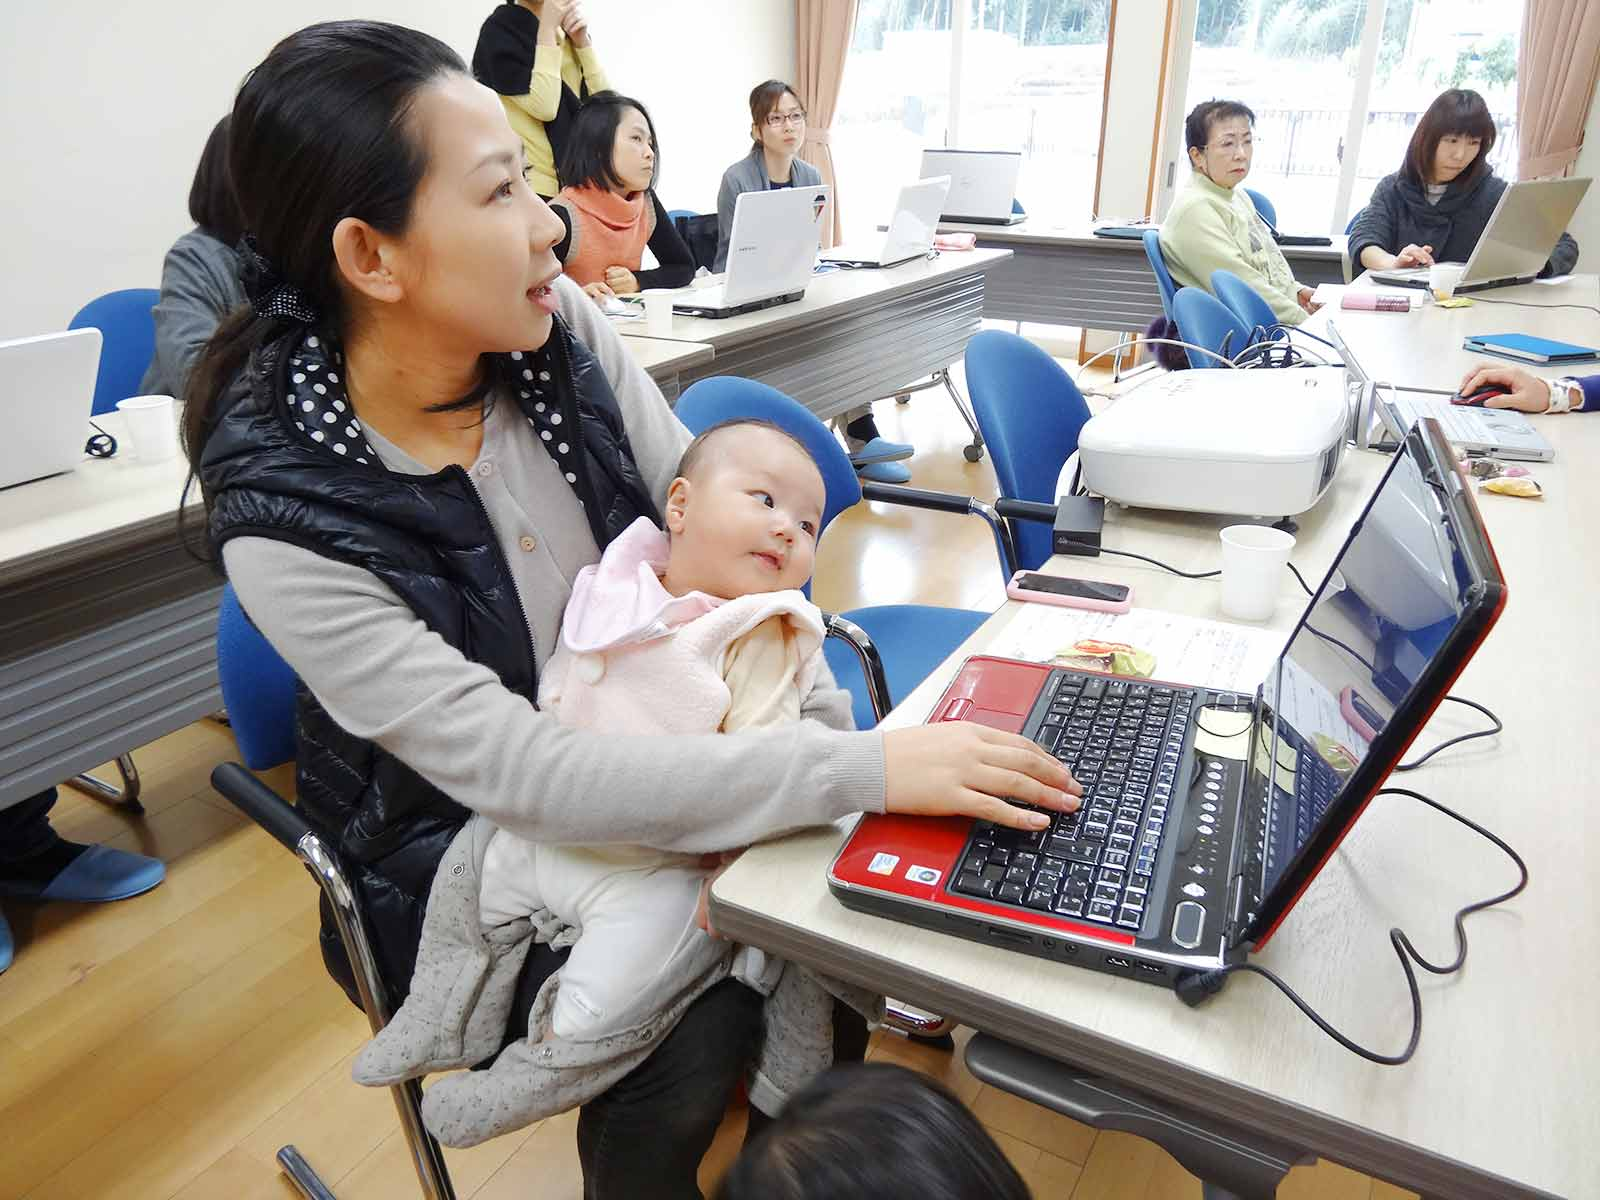 育休中のママのためのパソコン教室、お子さんと一緒に参加されるママも。